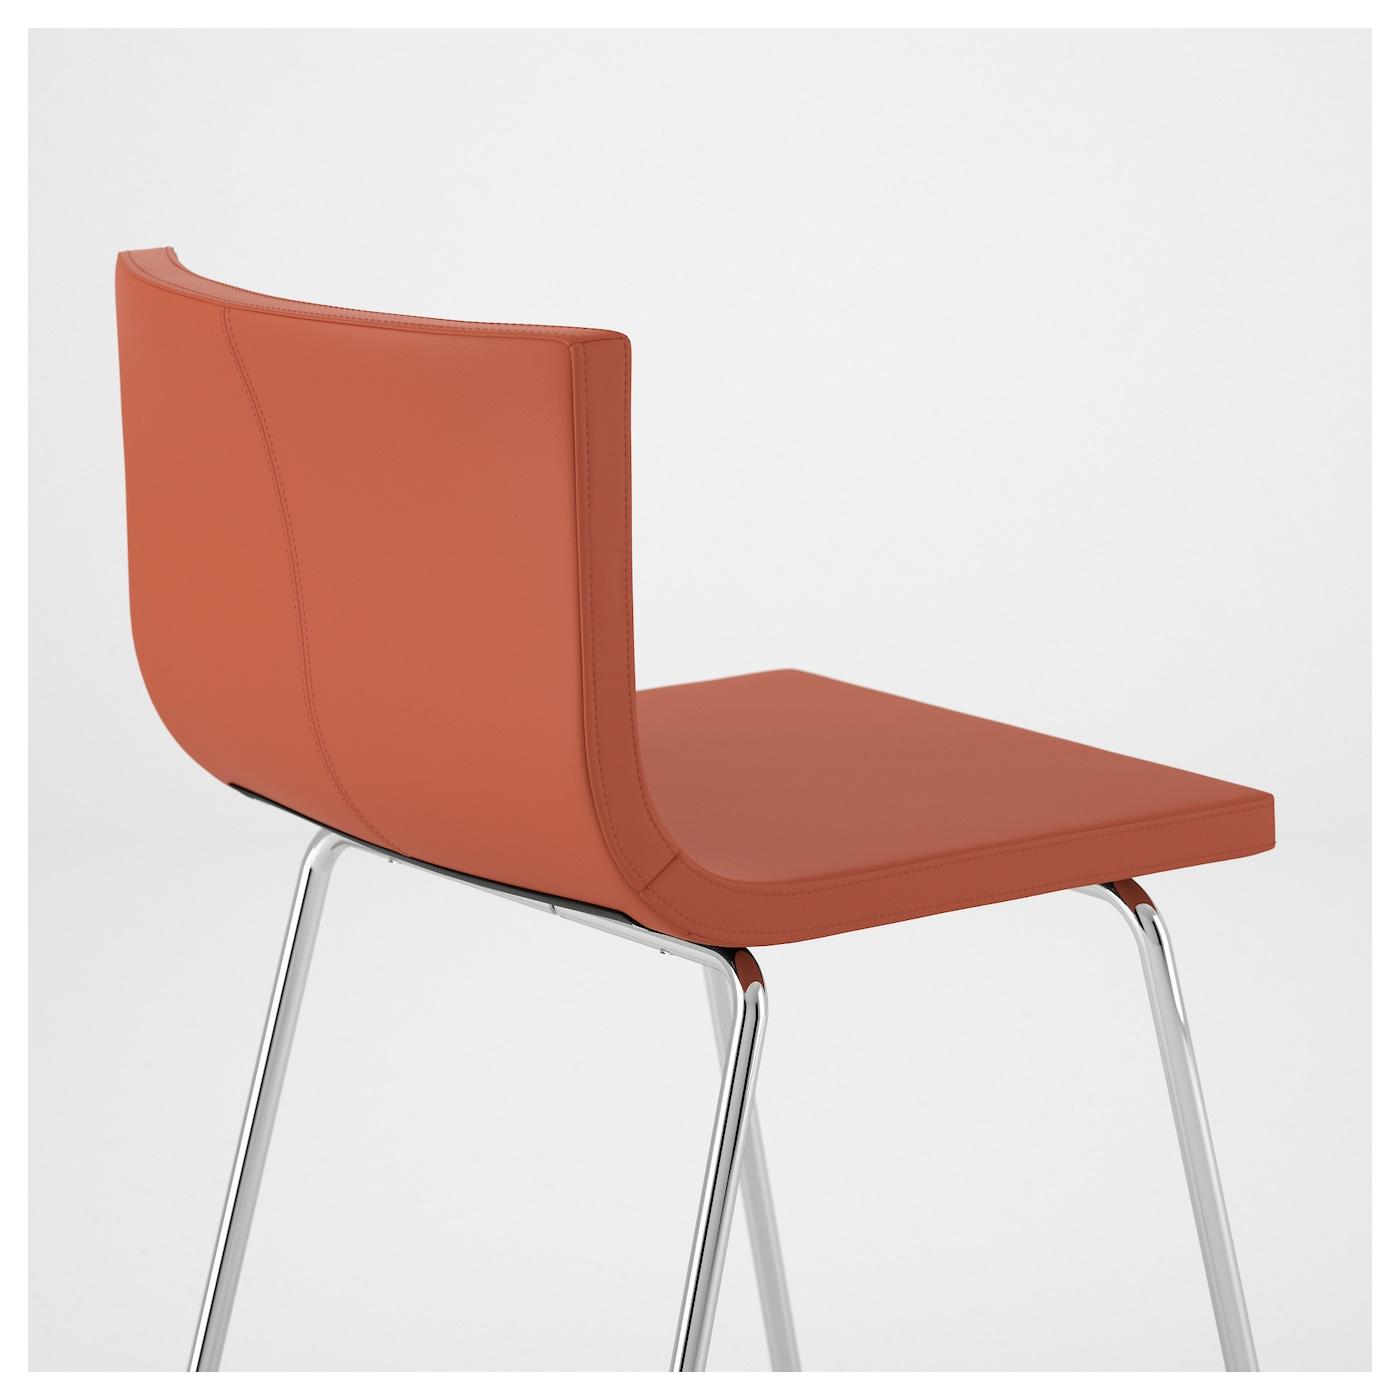 bernhard bar stool with backrest chrome plated mjuk orange 63 cm ikea. Black Bedroom Furniture Sets. Home Design Ideas